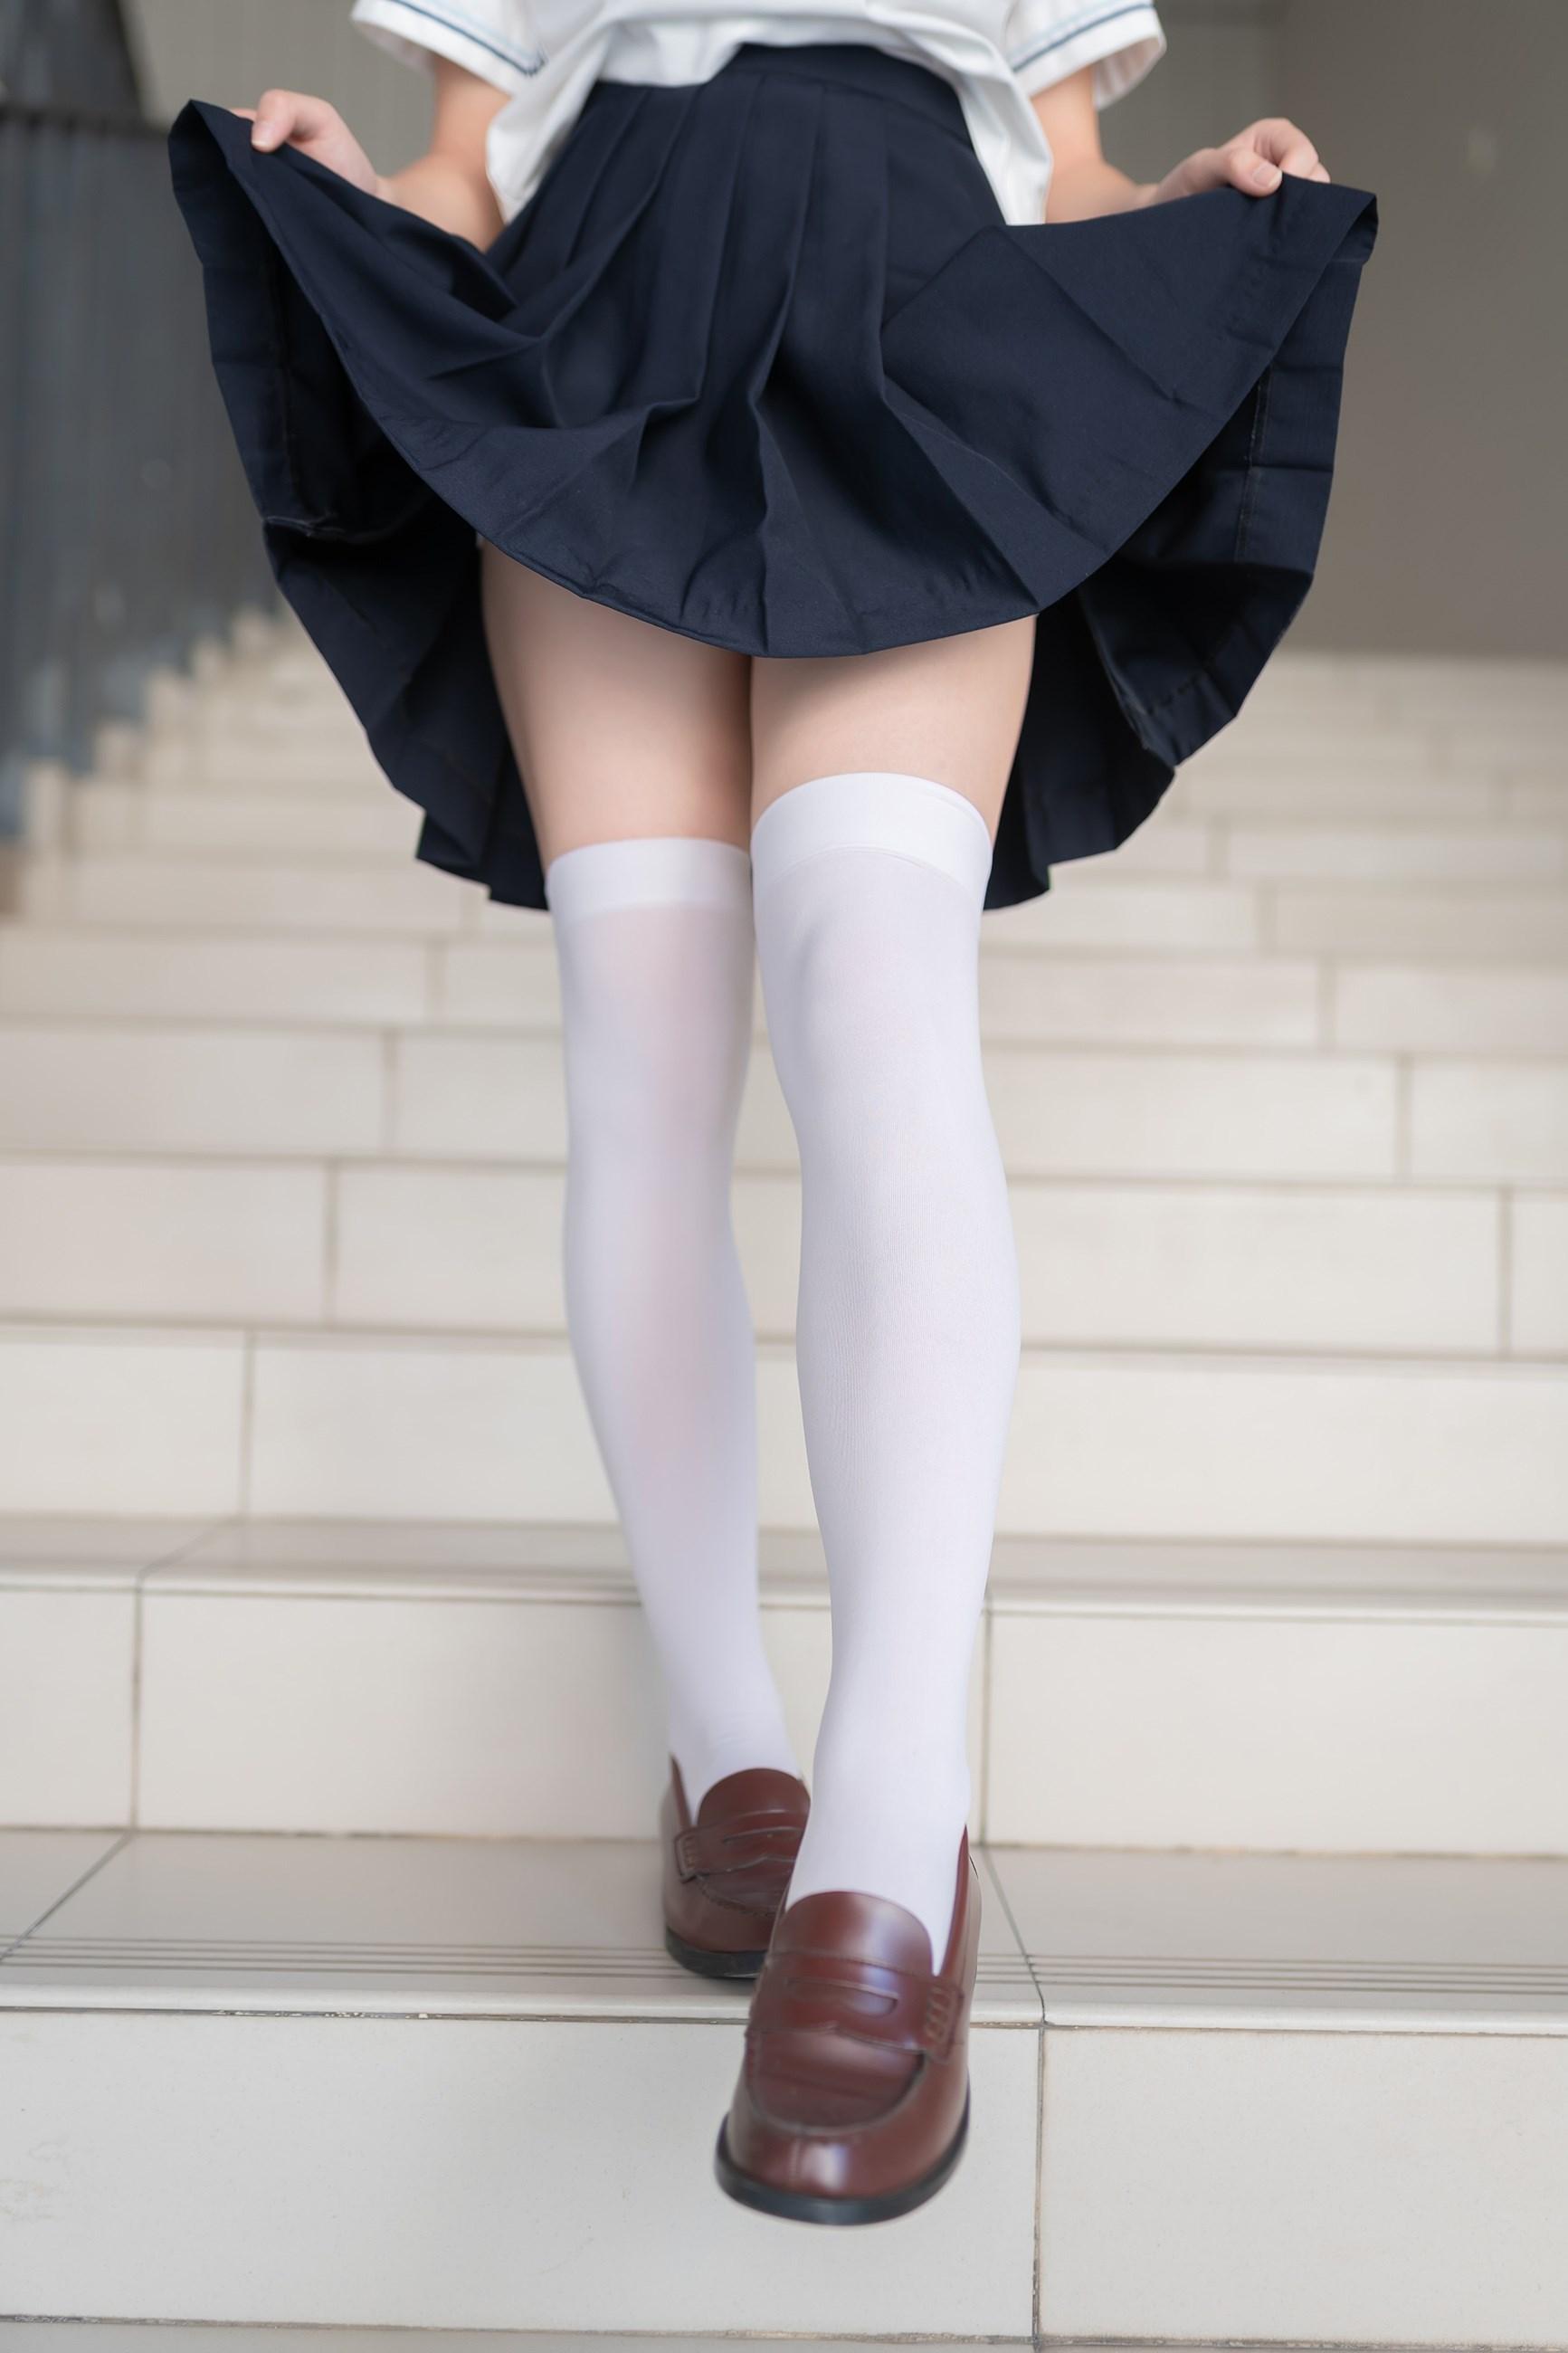 【兔玩映画】楼梯上的白丝少女 兔玩映画 第14张